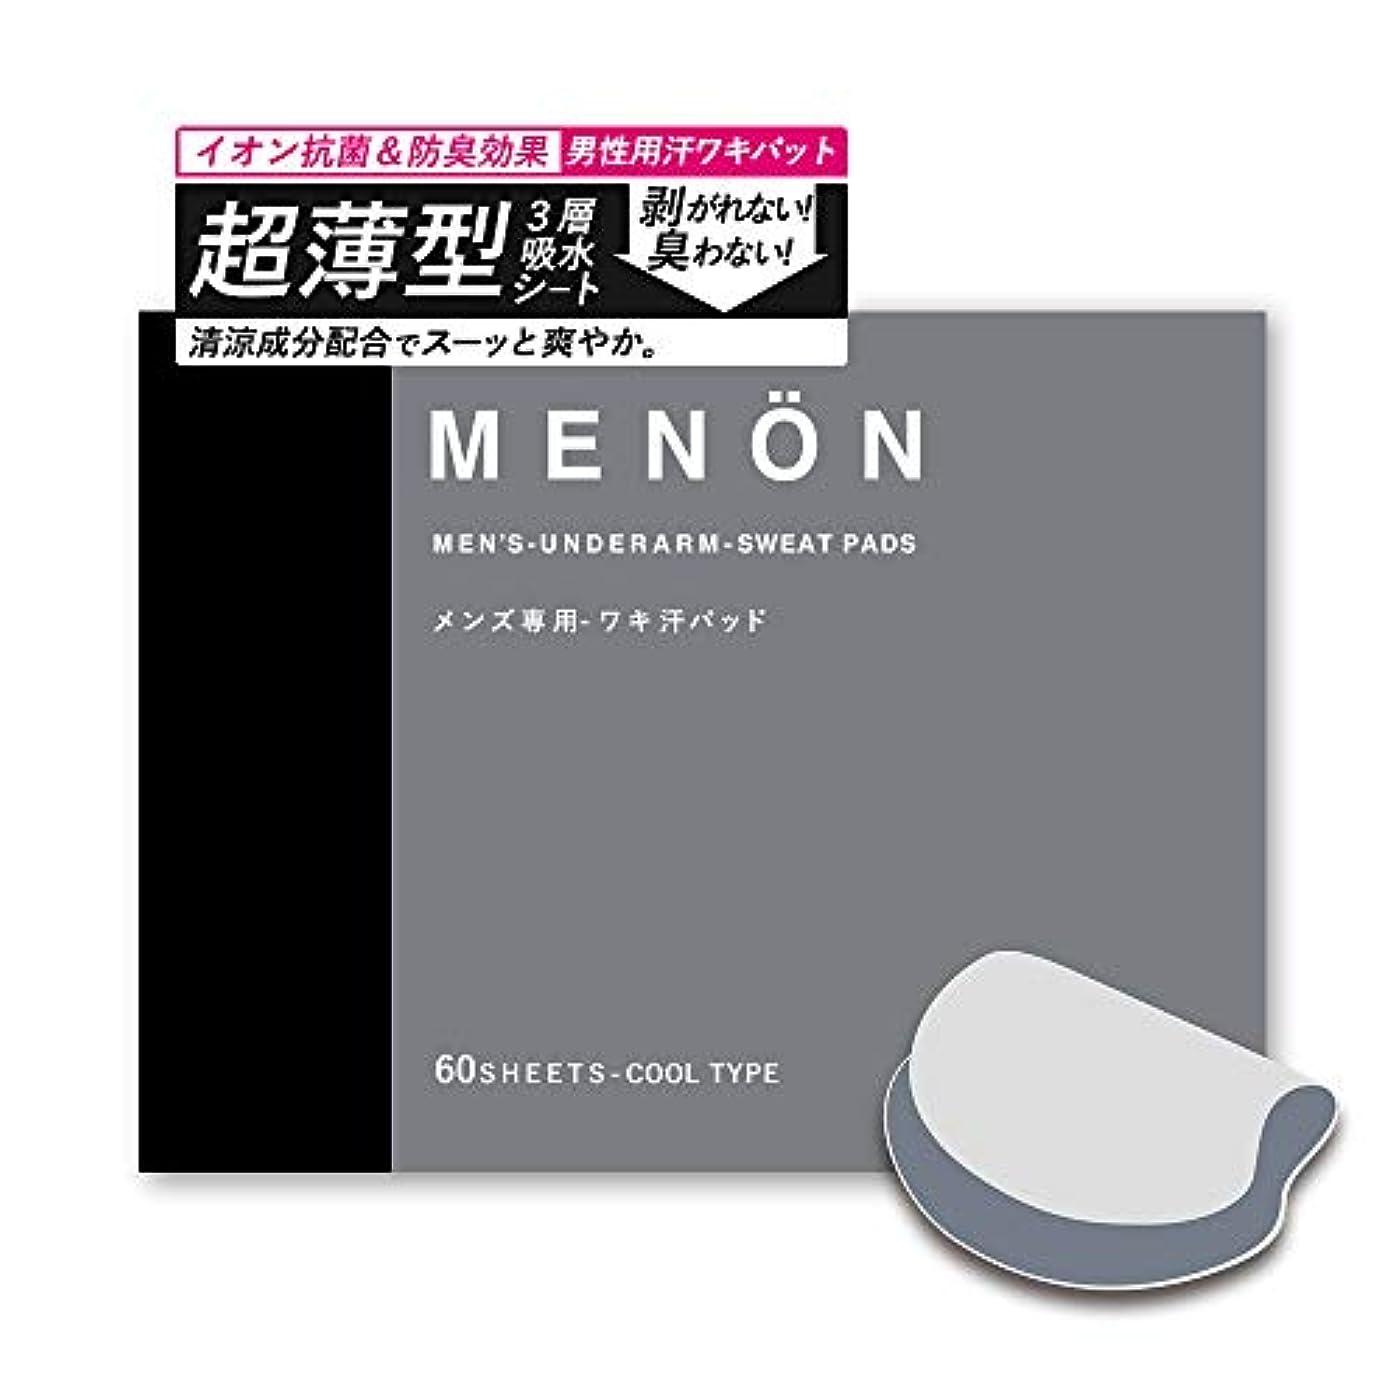 機動血統吸収MENON 安心の日本製 脇汗パッド メンズ 使い捨て 汗取りパッド 大容量60枚 (30セット) 清涼成分配合 脇汗 男性用 ボディケア 汗ジミ?臭い予防に パッド シール メノン